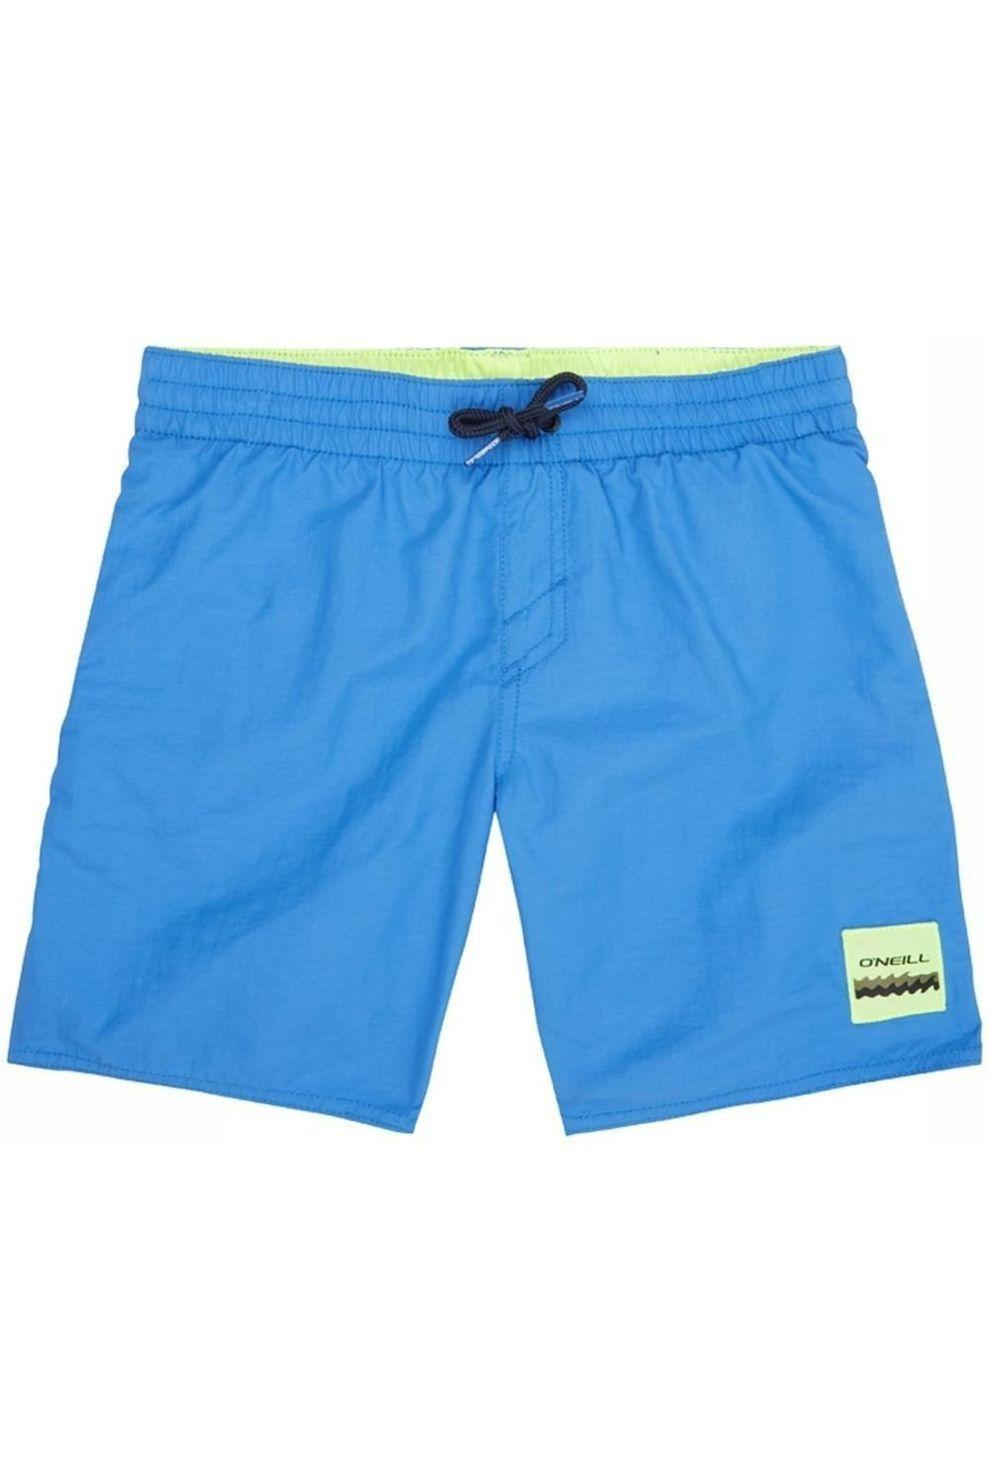 O'Neill Zwemshort Pb Vert voor jongens - Blauw - Maten: 128, 140, 152, 176